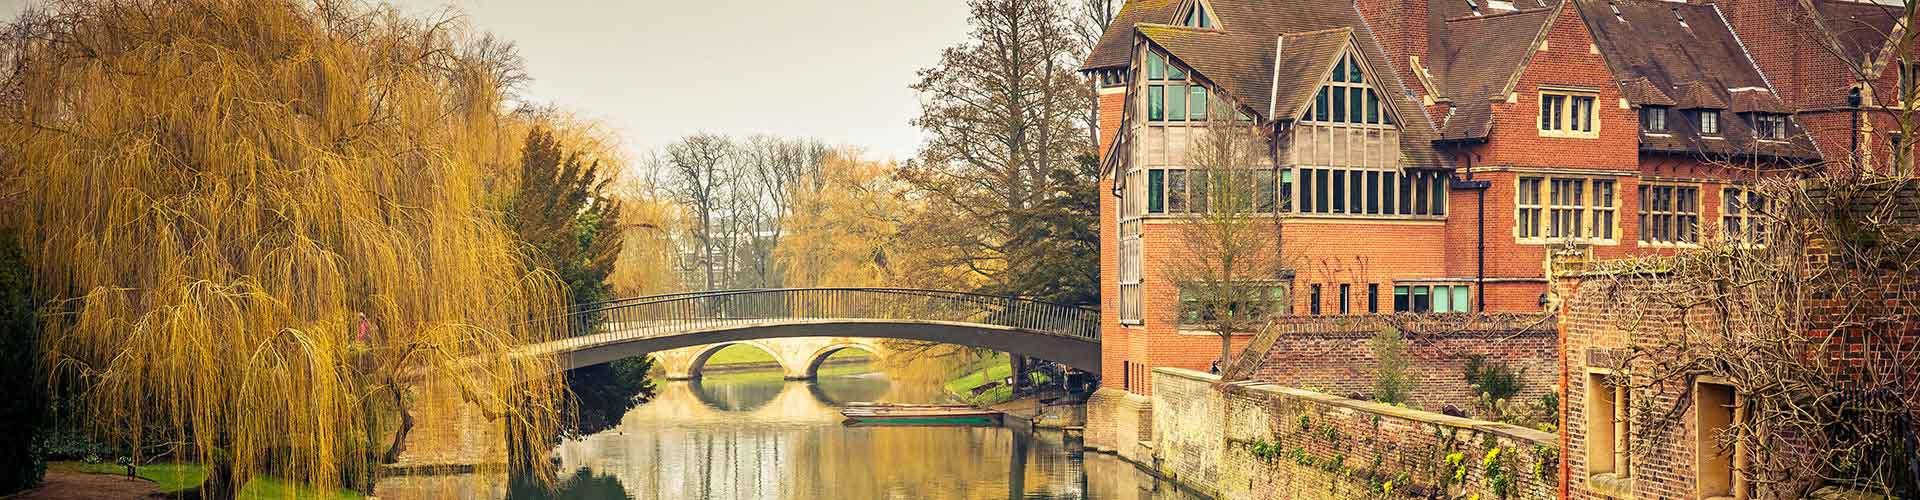 Cambridge - Hostelů v Cambridge. Mapy pro Cambridge, fotky a recenze pro každý hostel v Cambridge.